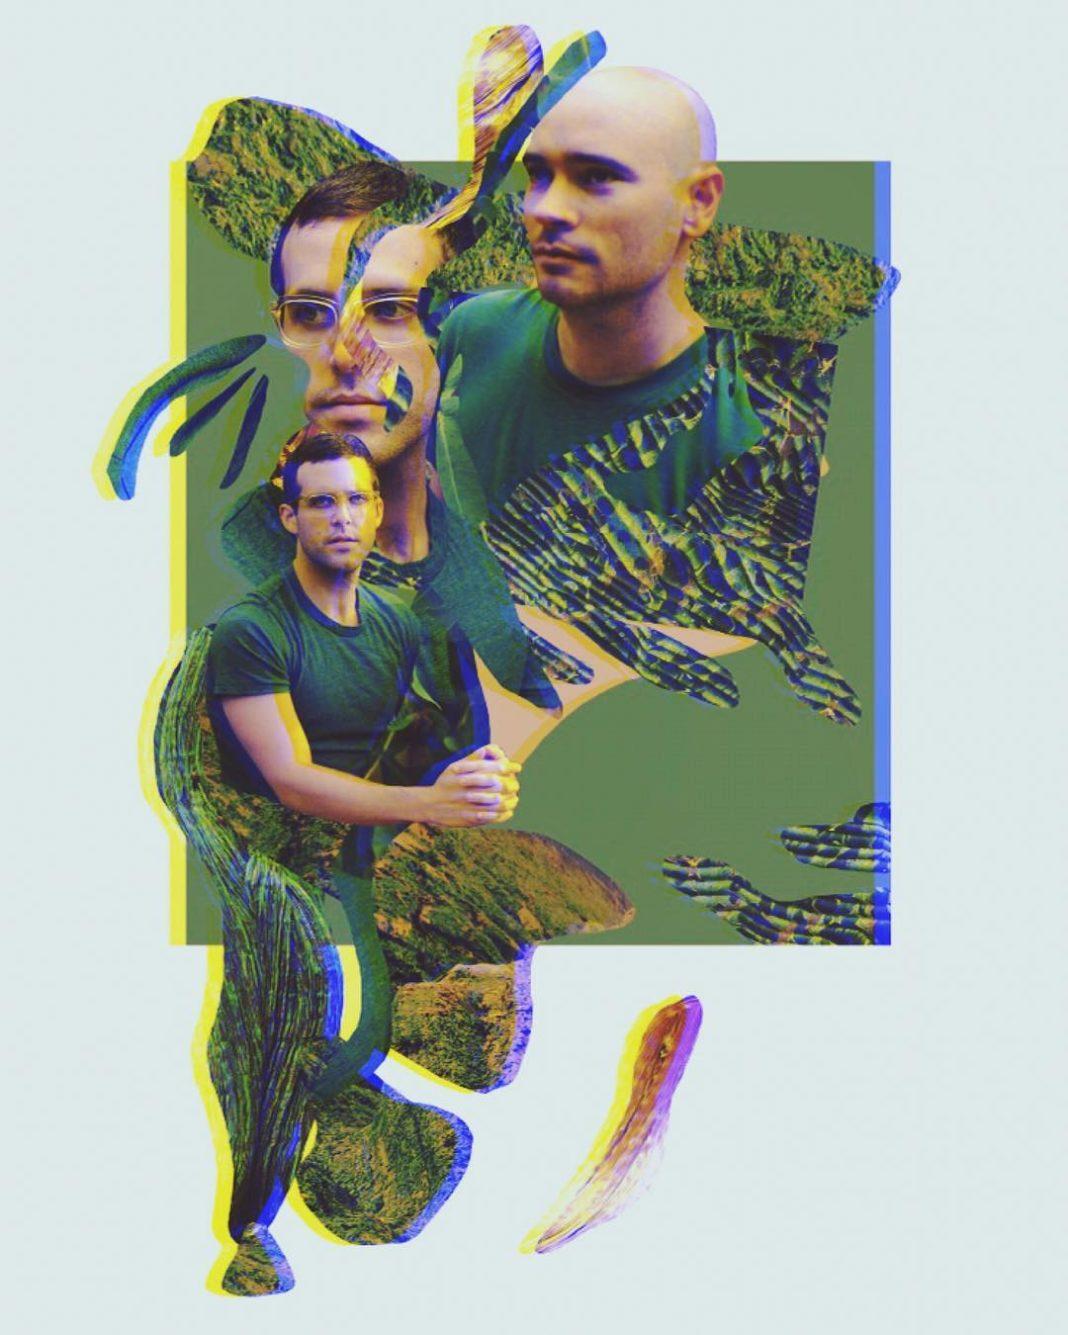 Na zdjeciu widzimy zielony kolaz przedstawiajacy rozne motywy